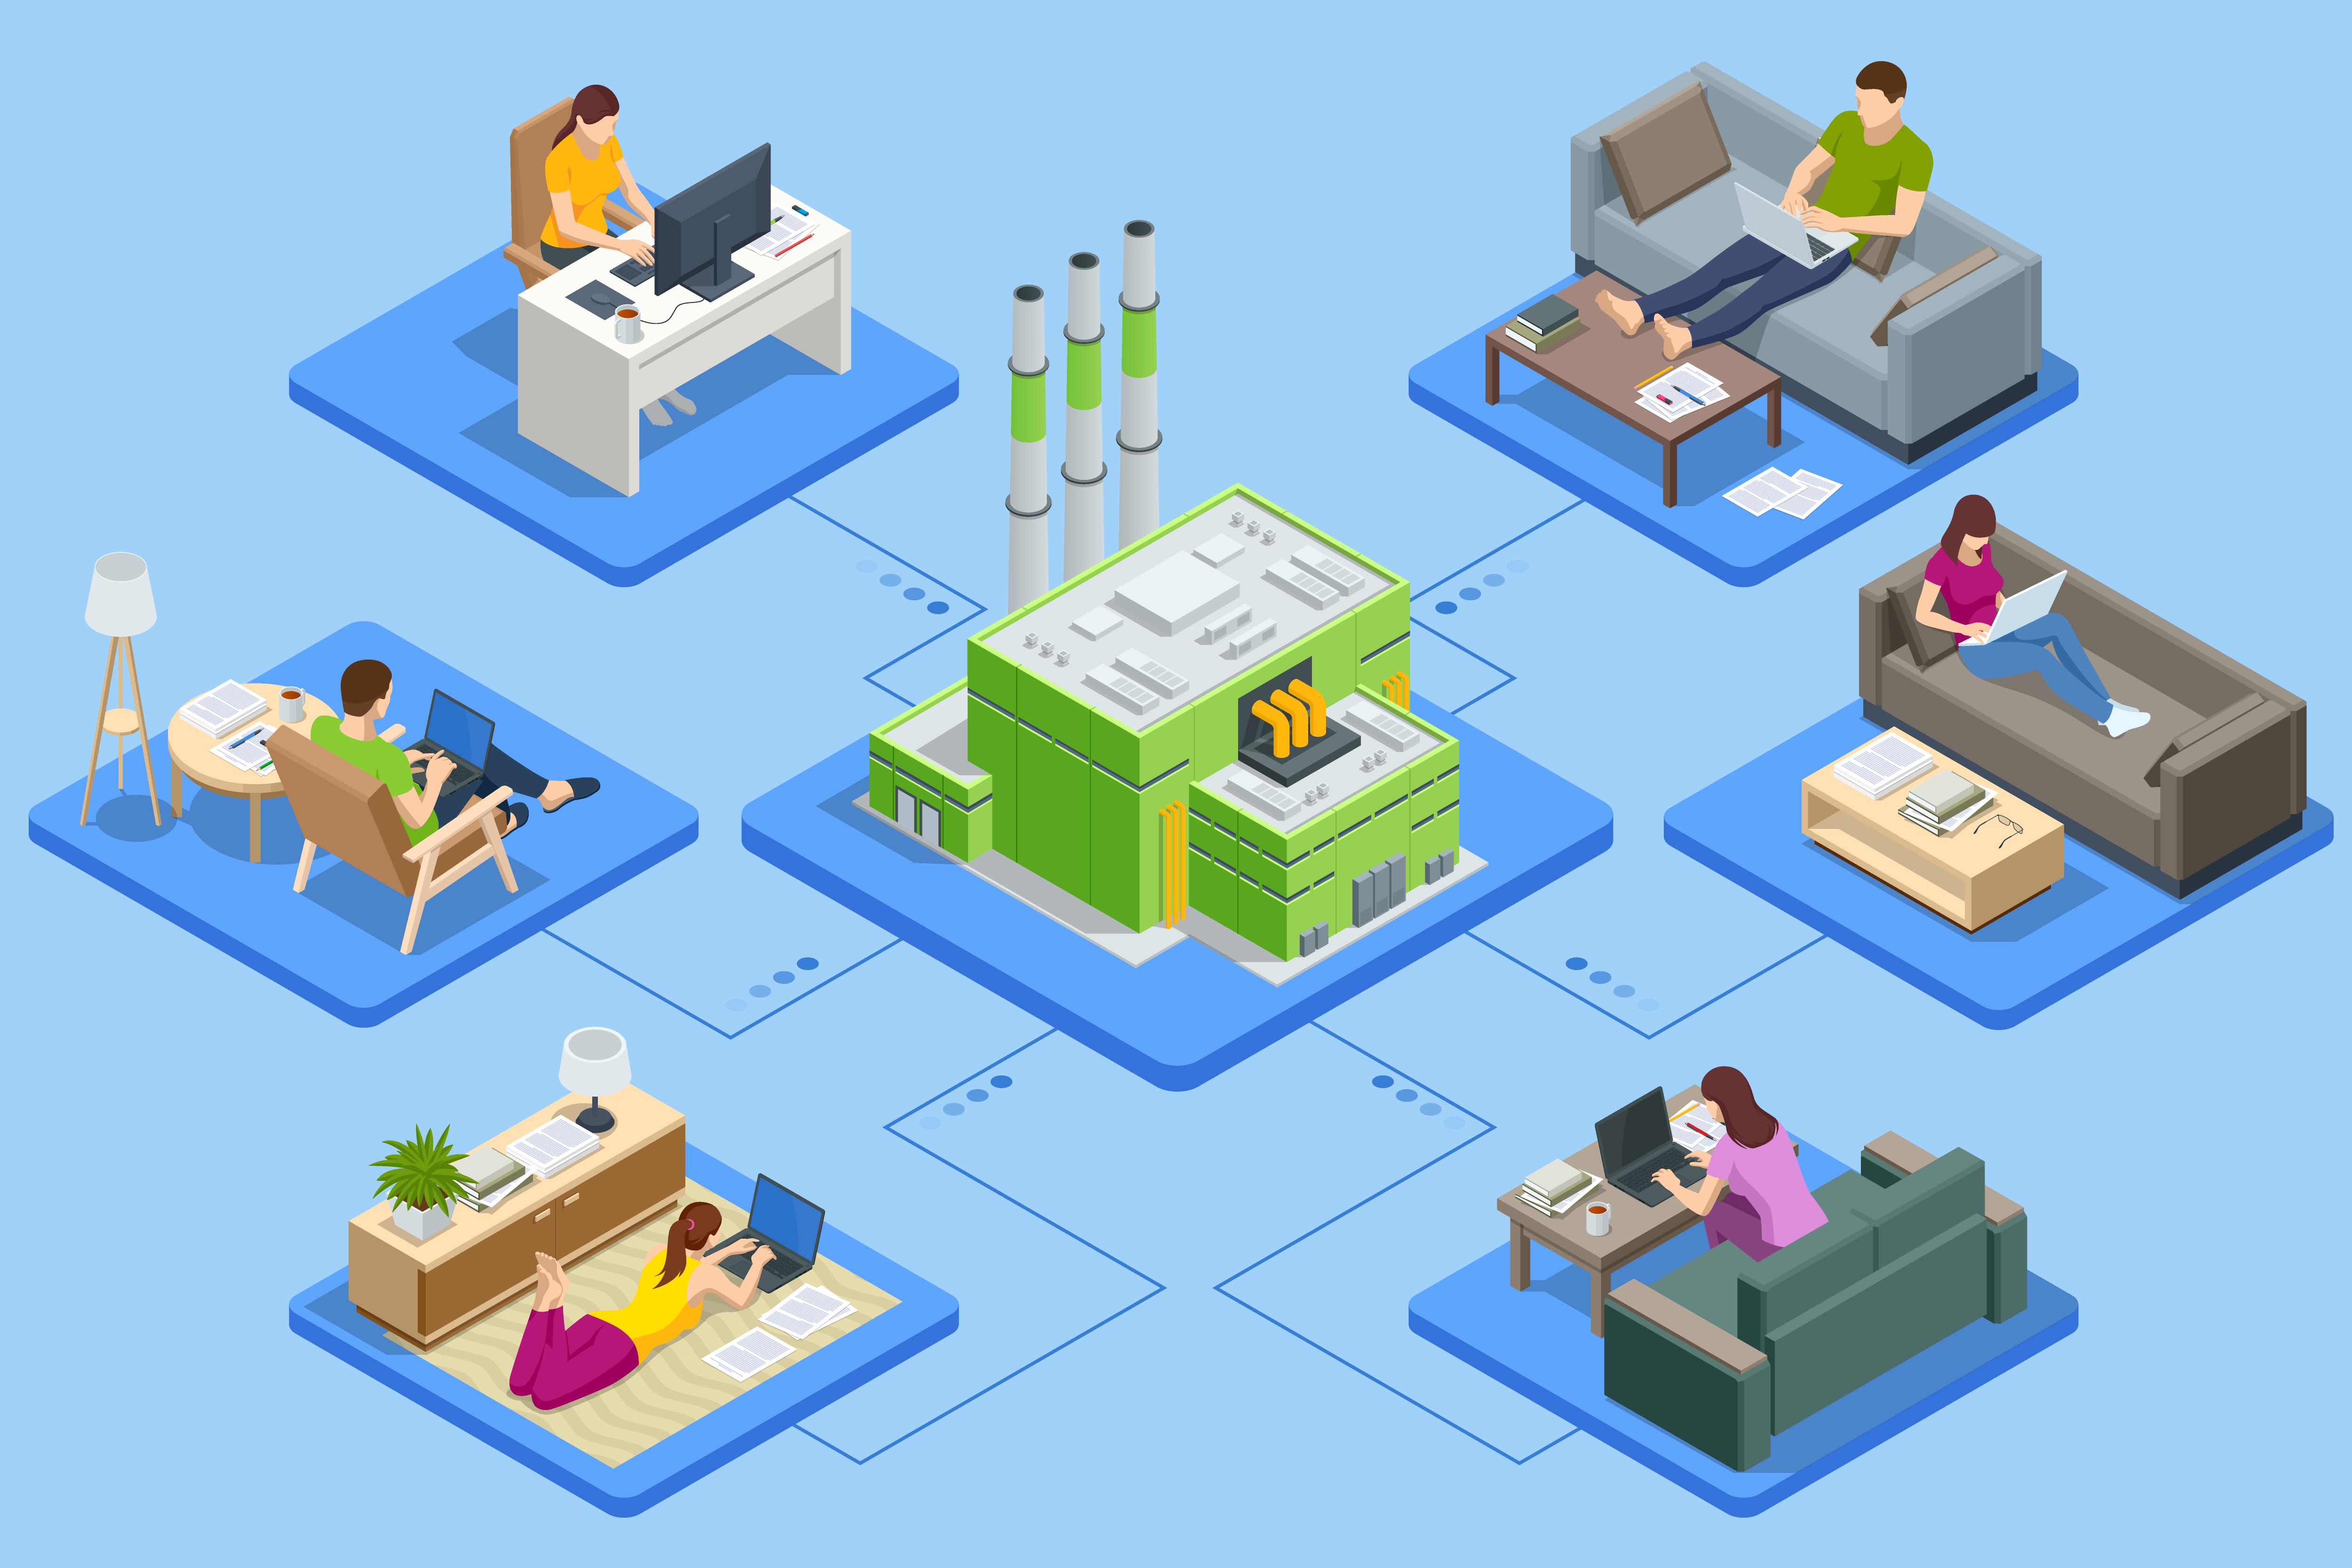 4차 산업혁명 시대의 새로운 비즈니스 모델